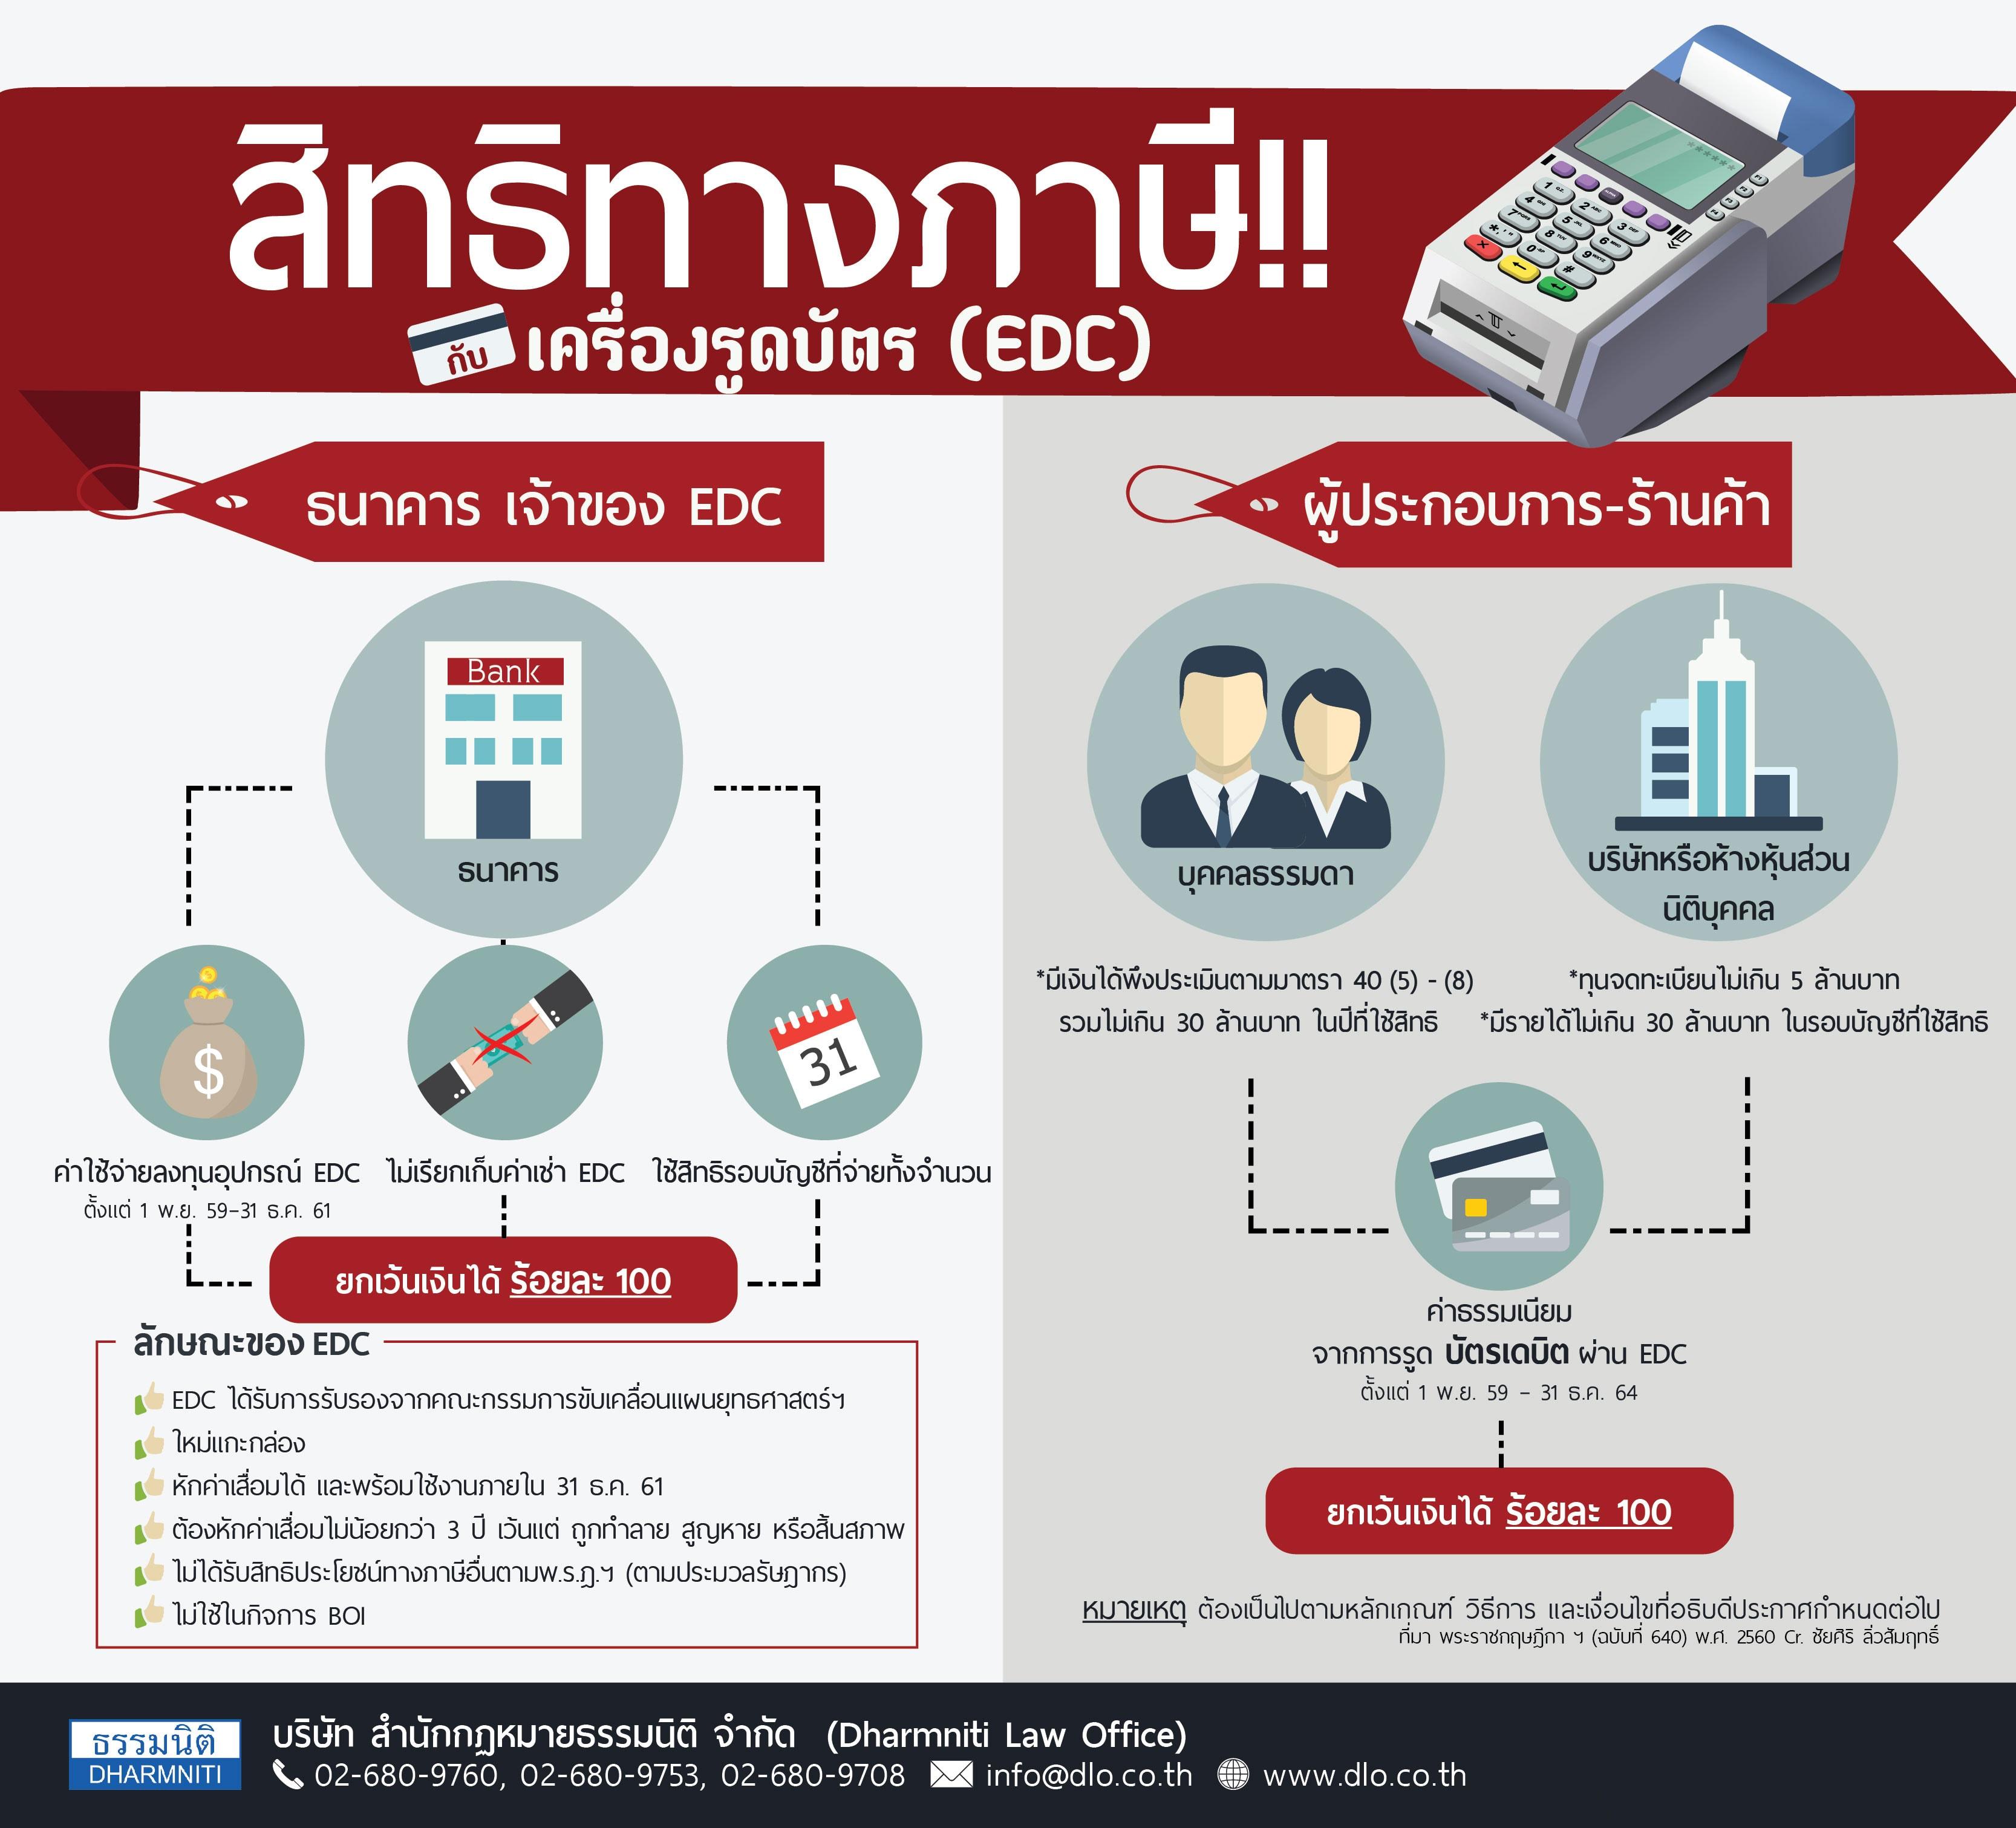 สิทธิทางภาษีกับอุปกรณ์รับชำระเงินทางอิเล็กทรอนิกส์ (EDC)